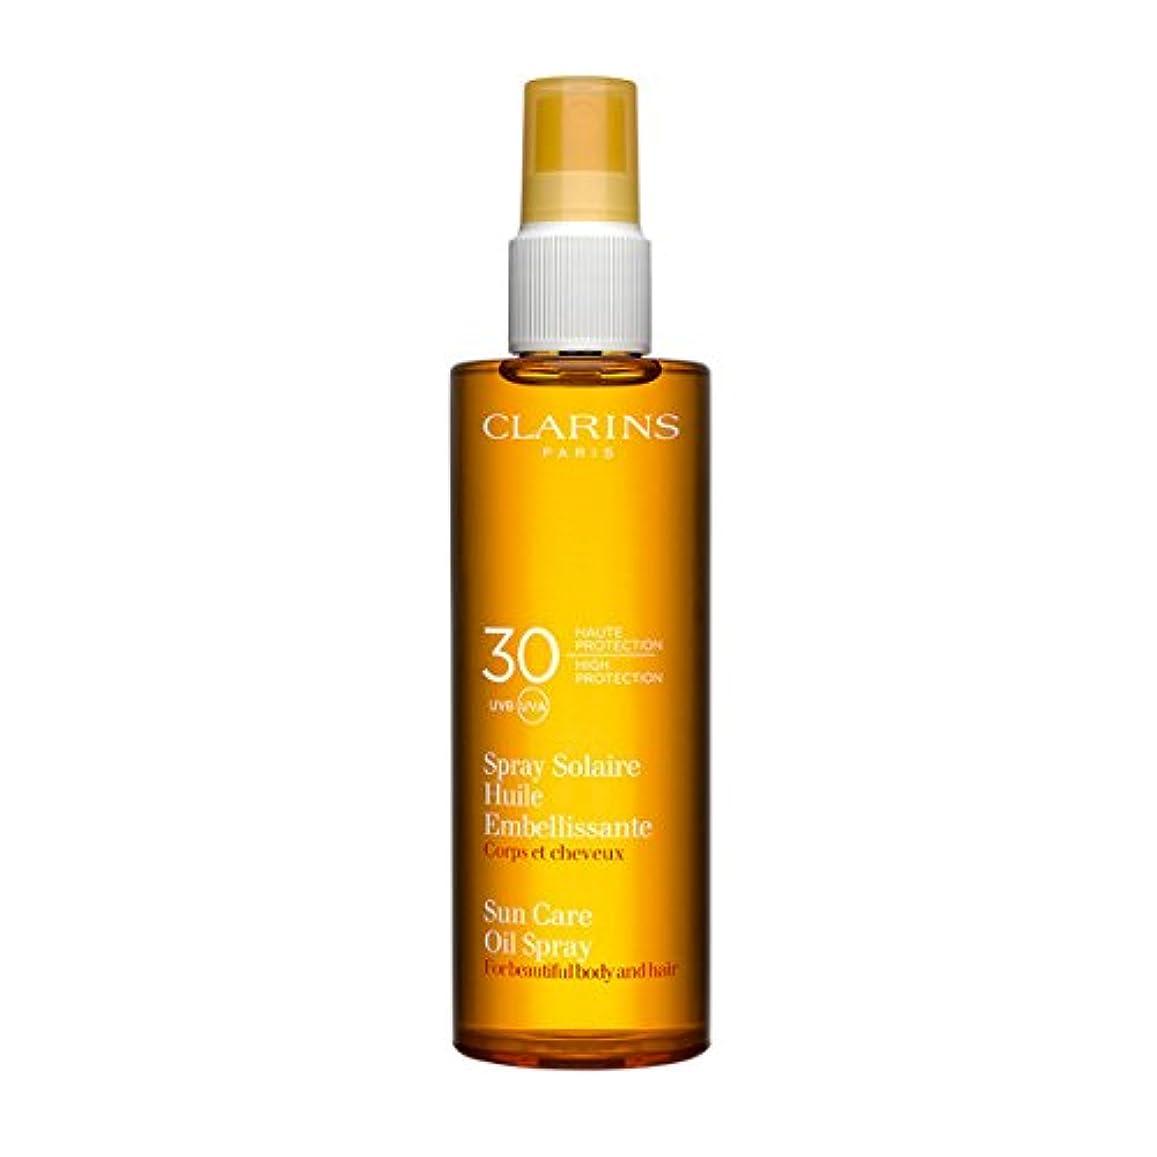 ゴルフ聞きます証人Clarins Sun Care Oil Spray For Beautiful Body and Hair Spf30 150ml [並行輸入品]